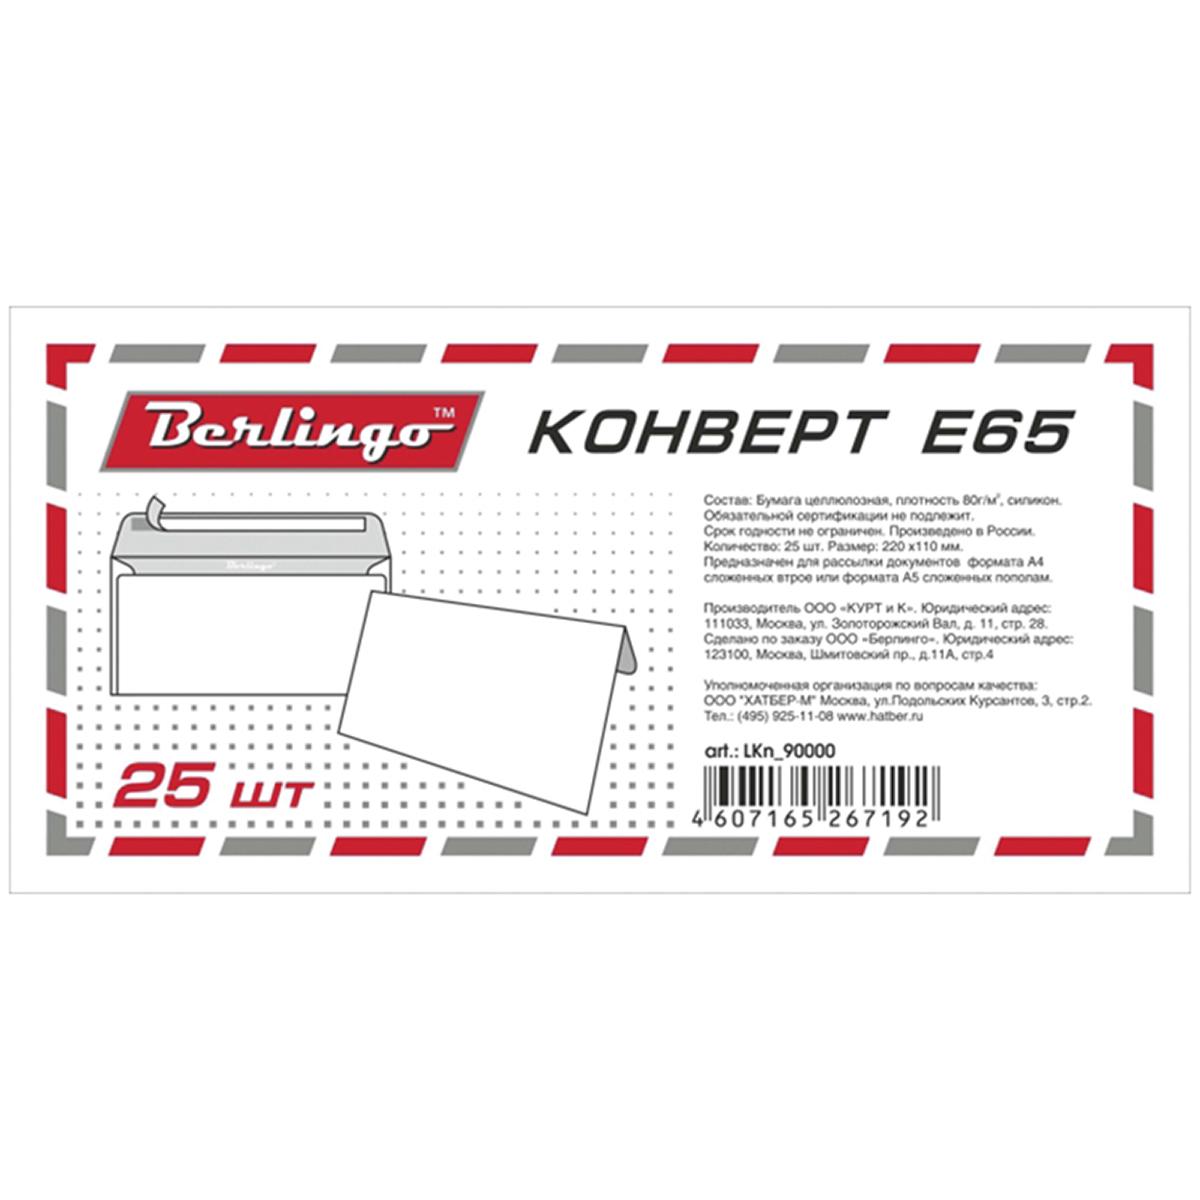 Berlingo Конверт E65 25 штC13S041944Конверт Berlingo E65 выполнен в евроформате размером 110 х 220 мм без окна, без подсказа и с внутренней запечаткой. Предназначен для вложения листов формата А4, сложенных втрое или А5, сложенных вдвое. Клапан конверта крепится с помощью отрывной силиконовой ленты.